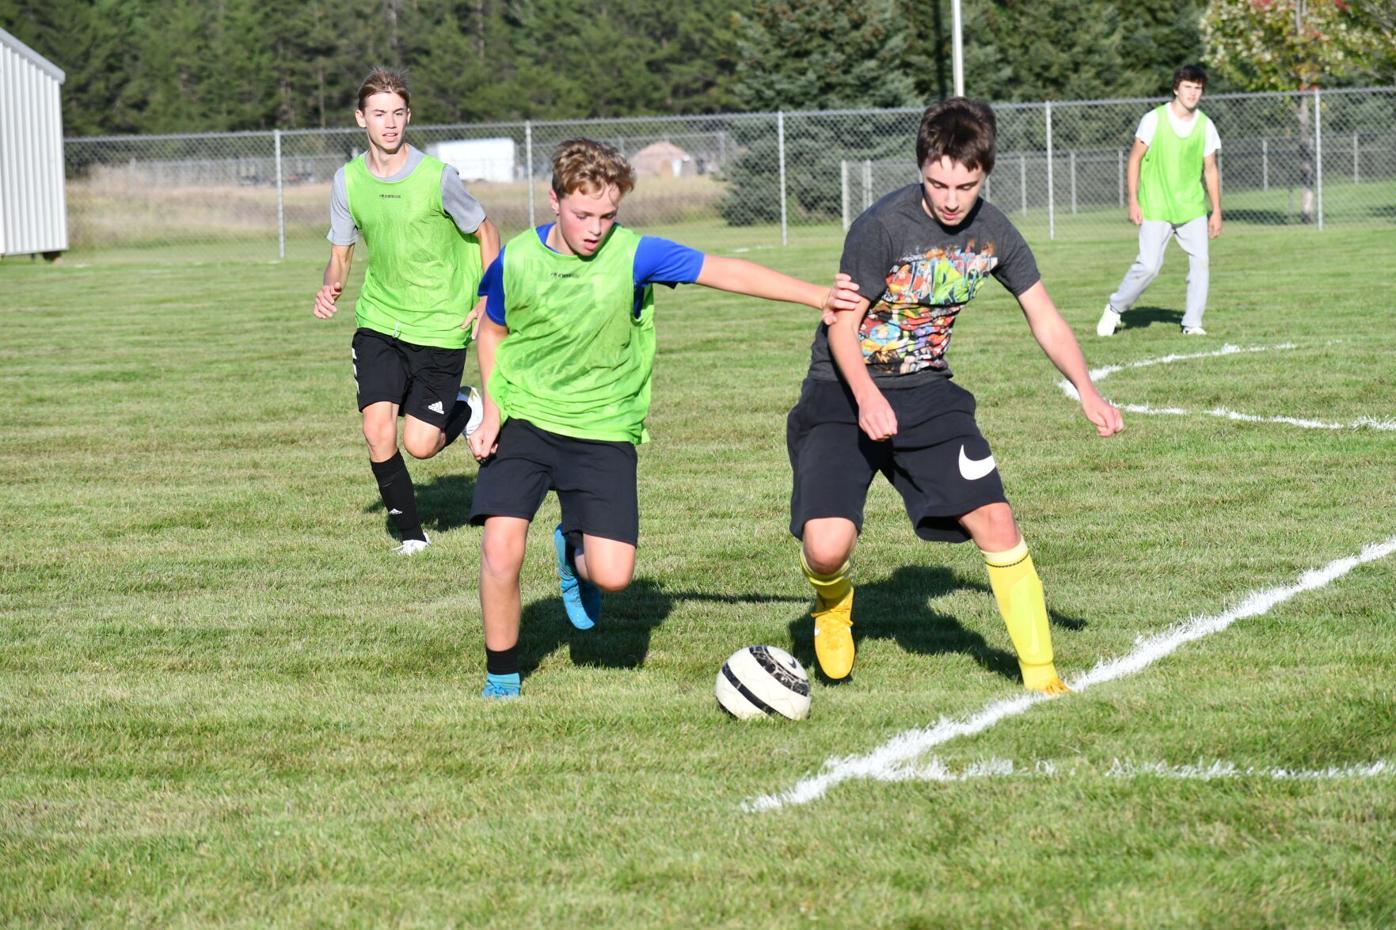 soccer practice 1.JPG